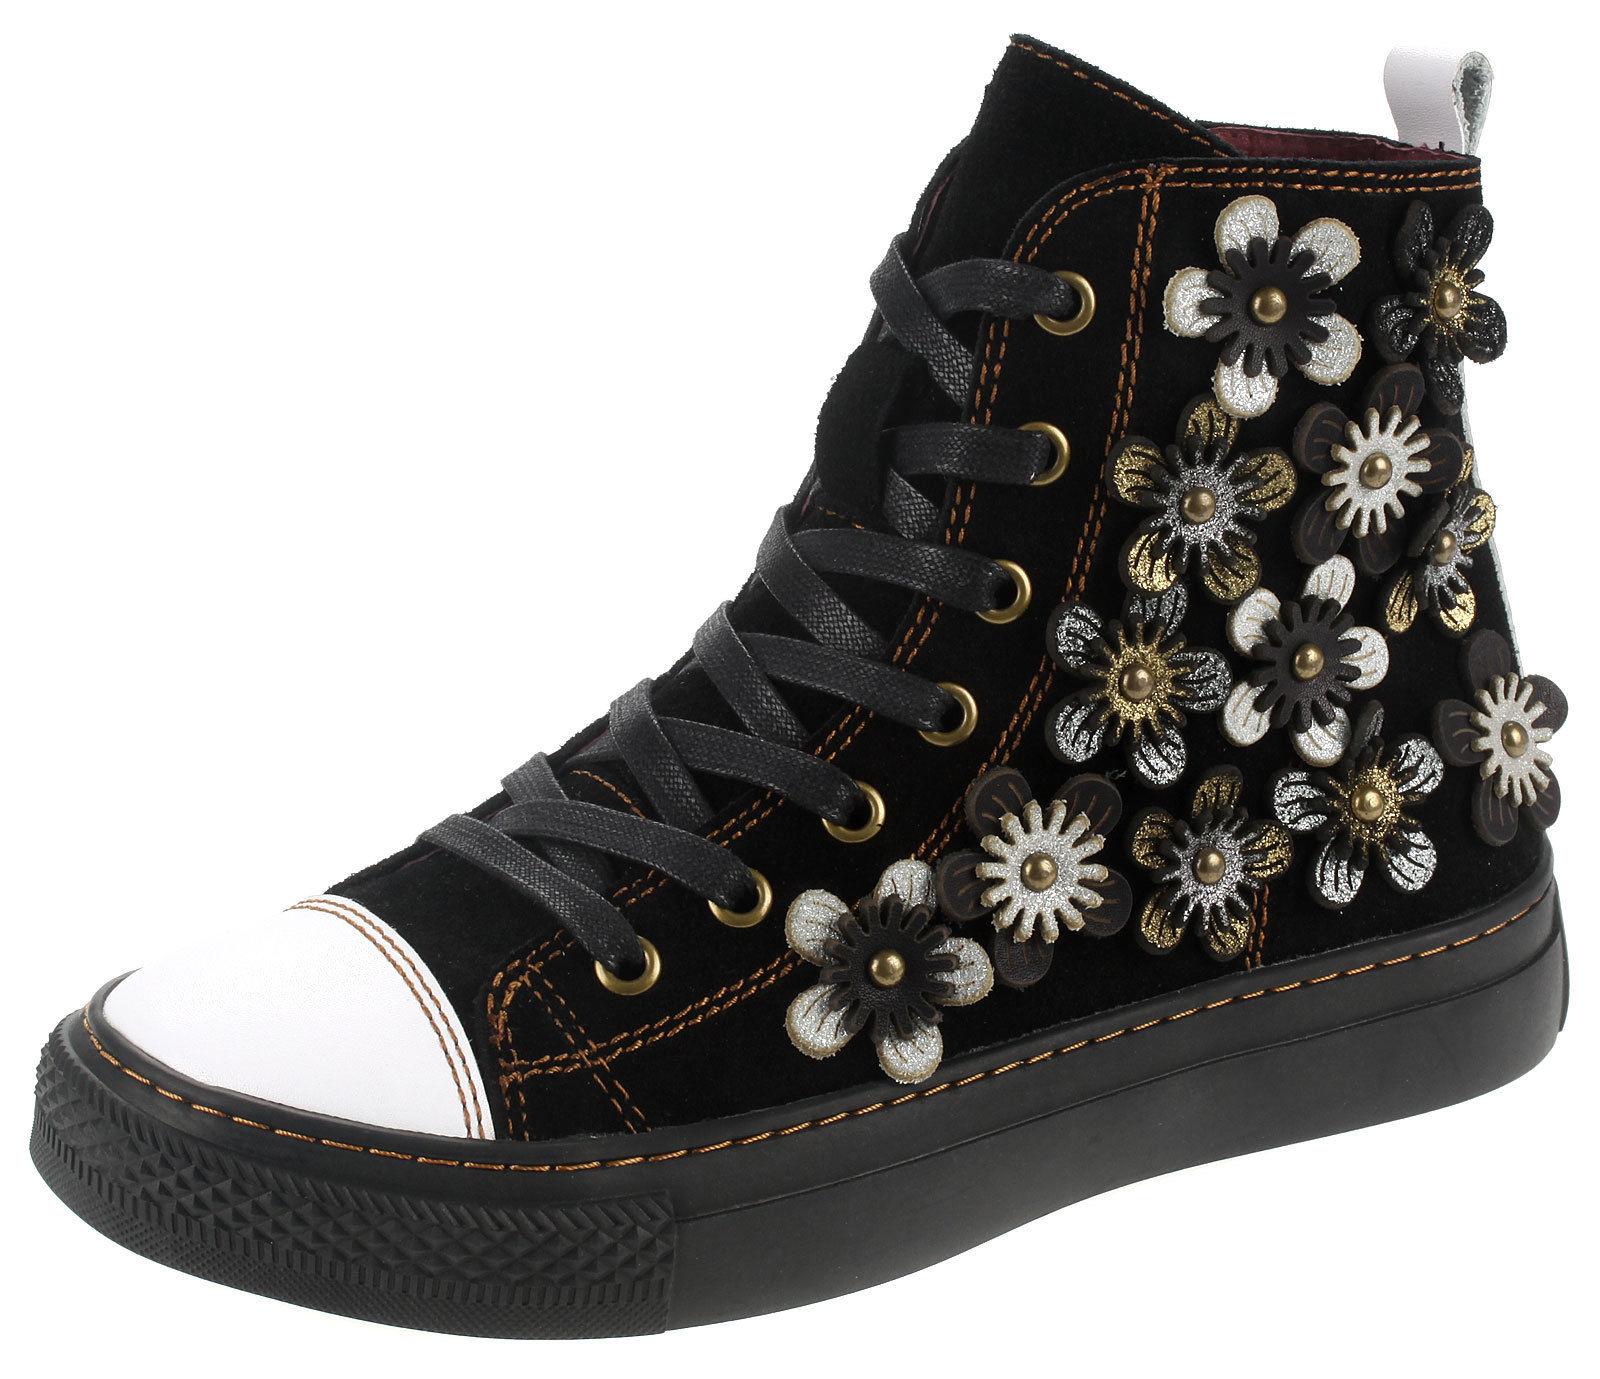 445851d22393ed Laura Vita Damen Leder High-Top Sneaker Stiefeletten Boots EVELYNE-02 Blanc